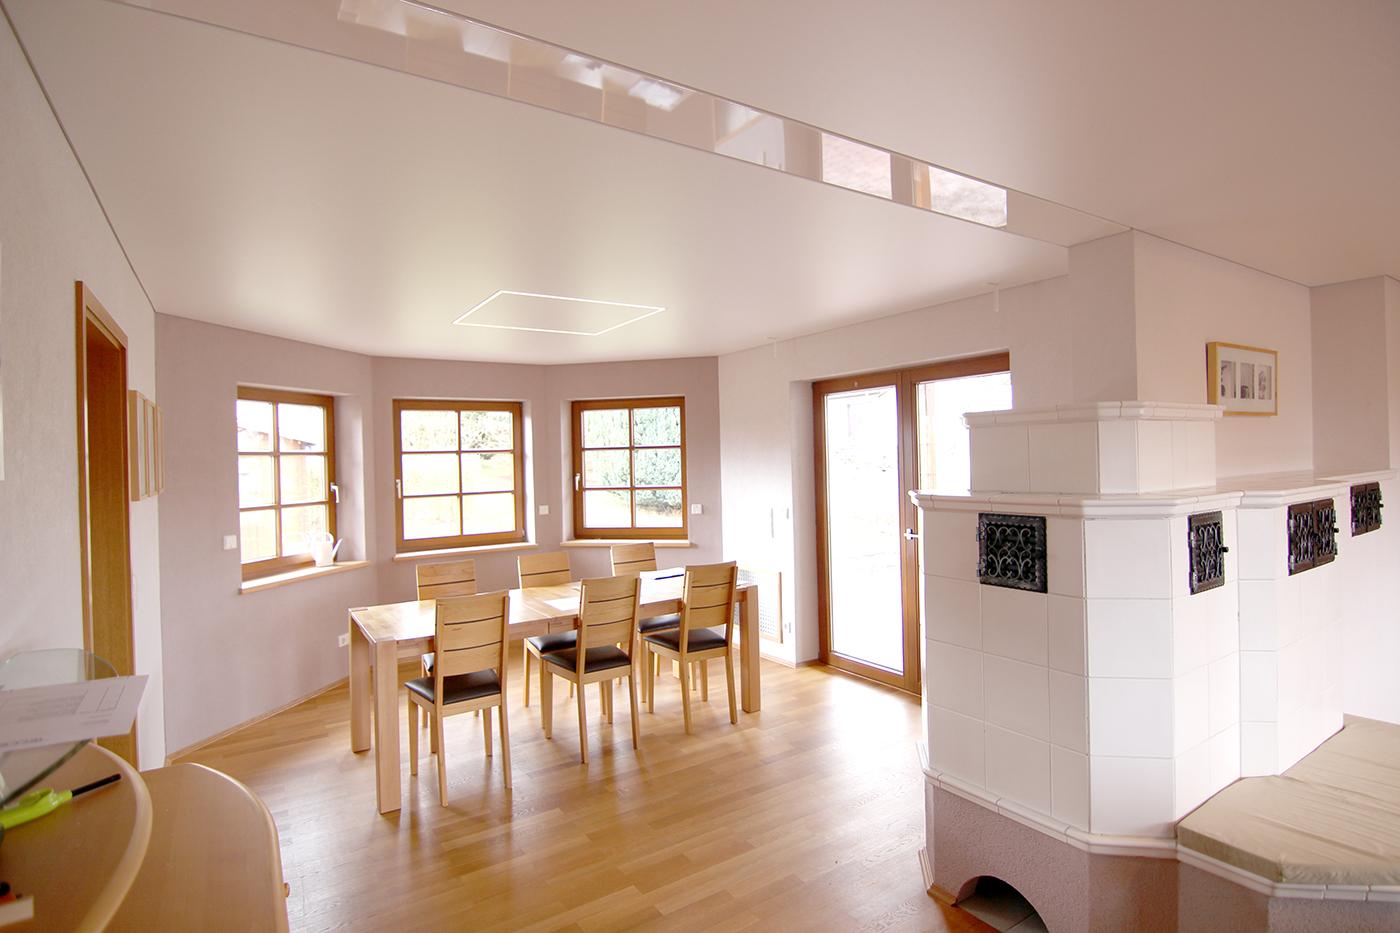 Spanndeckenstudio Teller - Wohnzimmer / Esszimmer